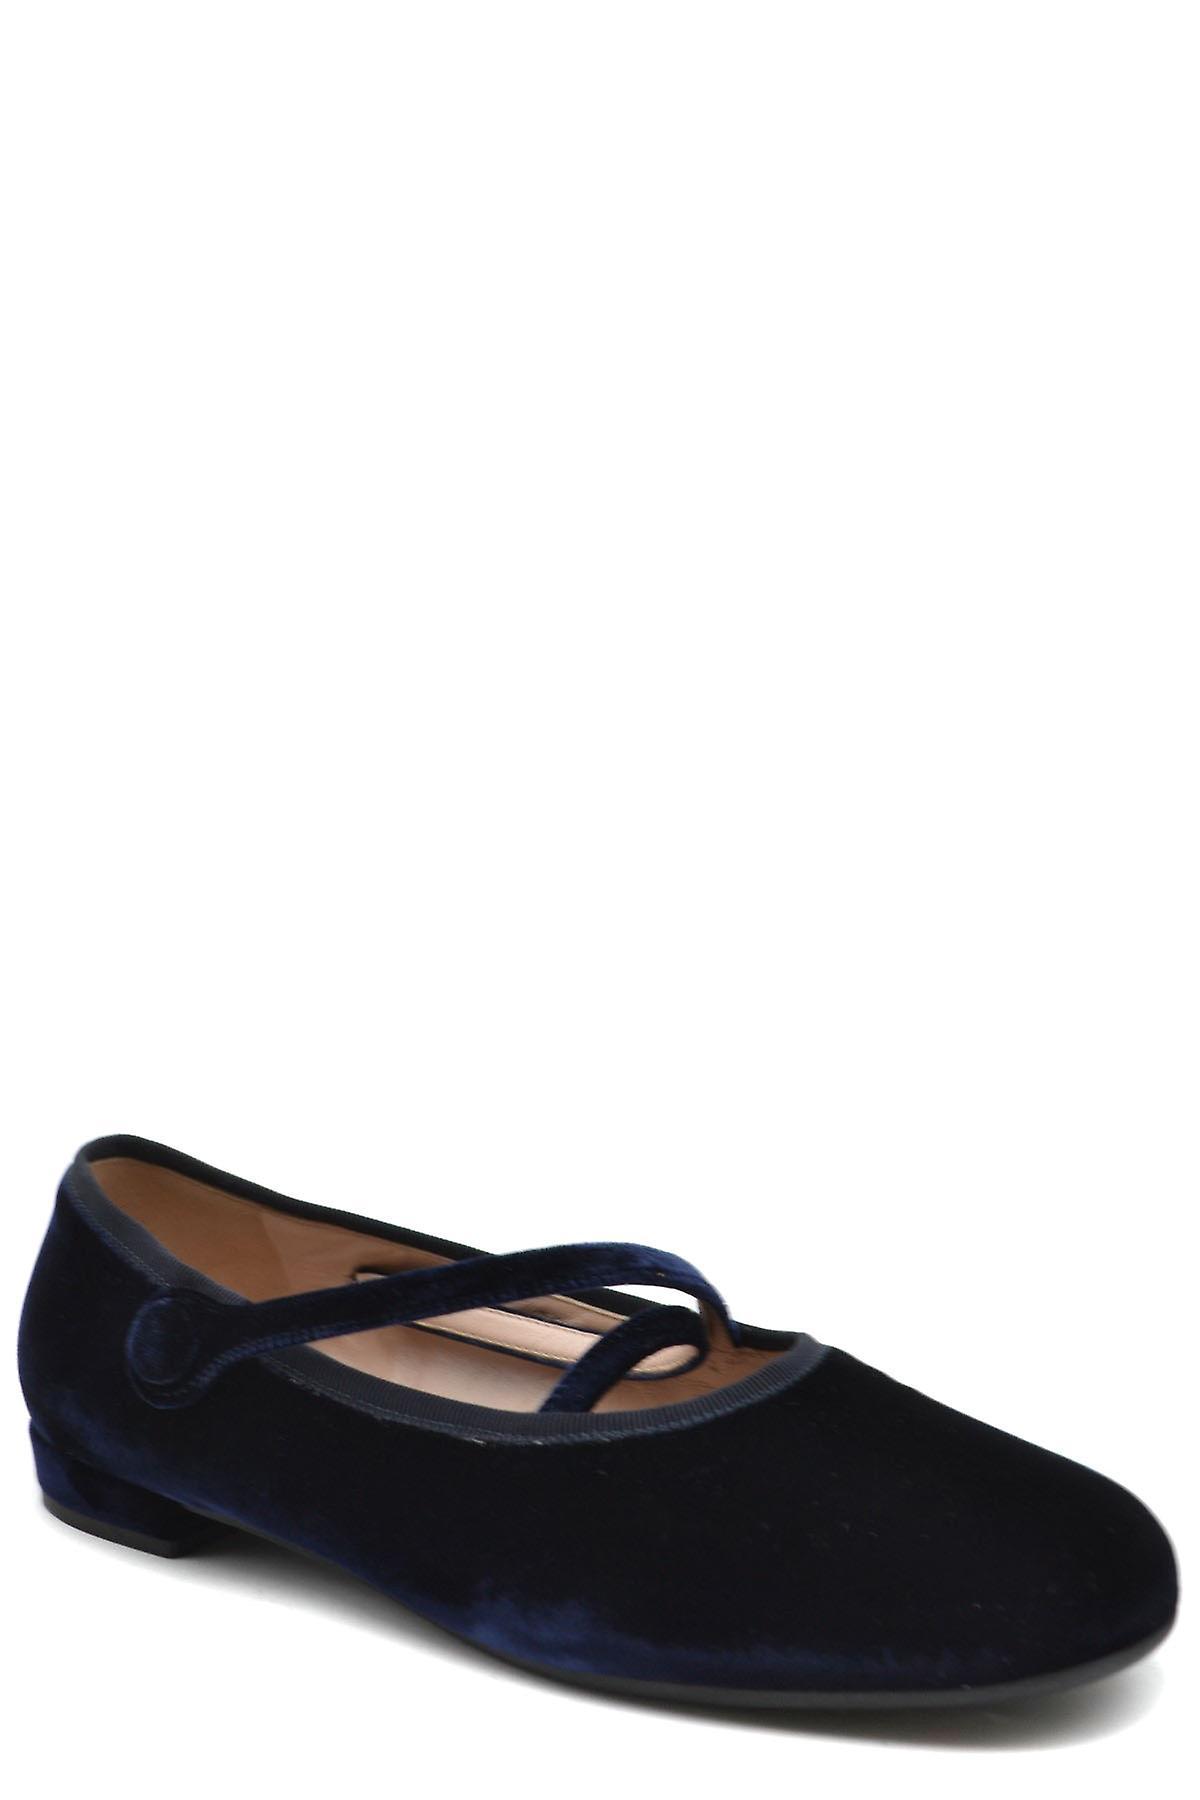 Miu Miu Ezbc057017 Women's Blue Velvet Flats